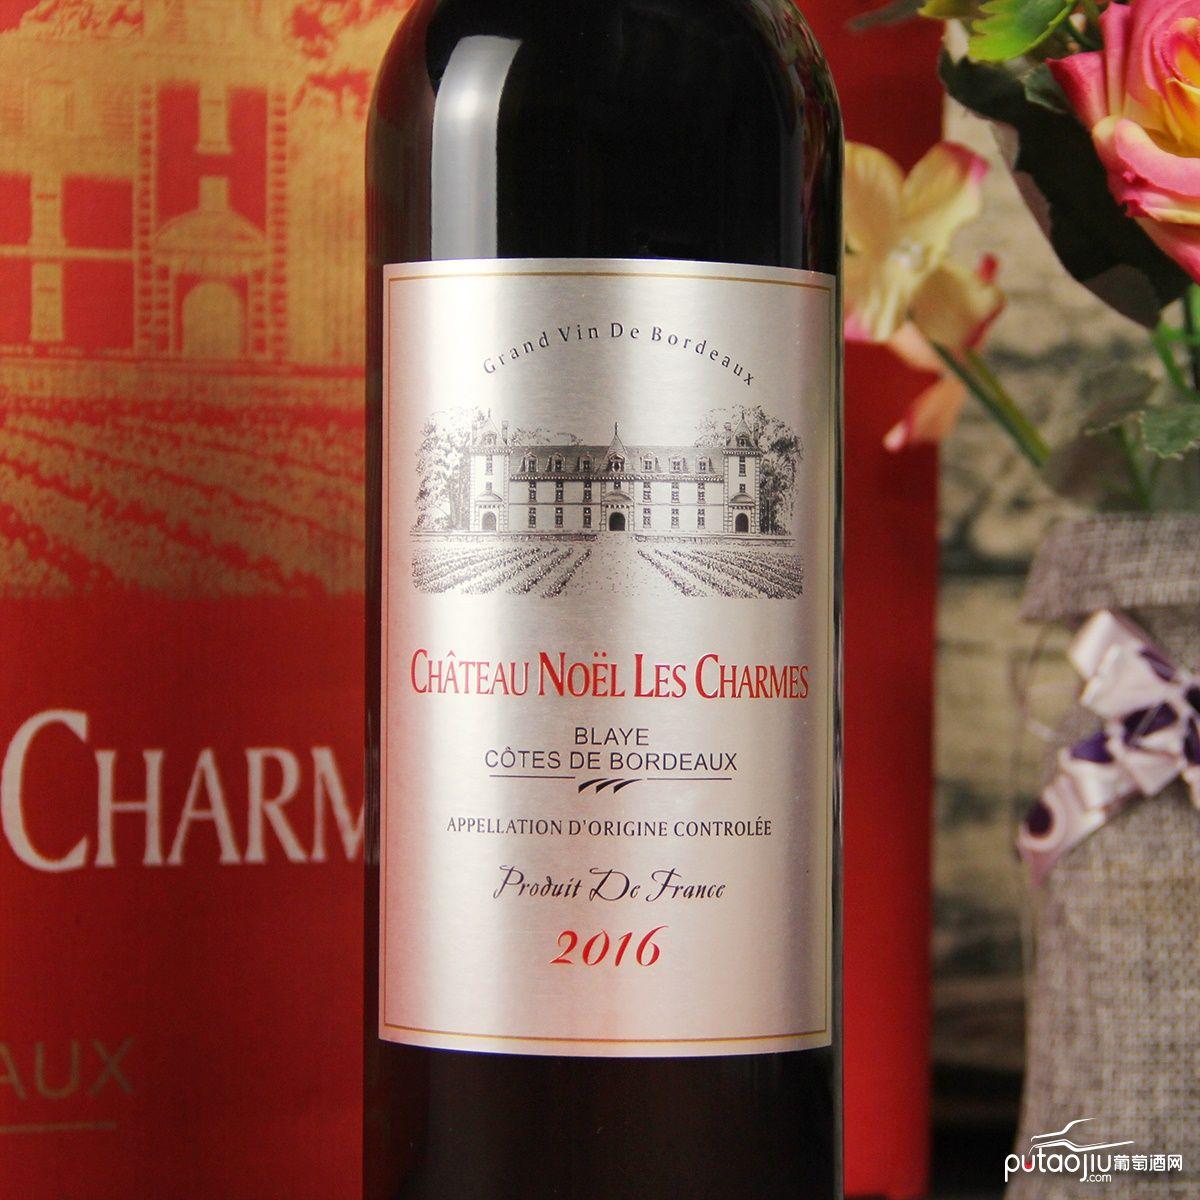 法国波尔多布莱依丘诺雷古堡混酿经典特酿AOC(村庄级)干红葡萄酒红酒